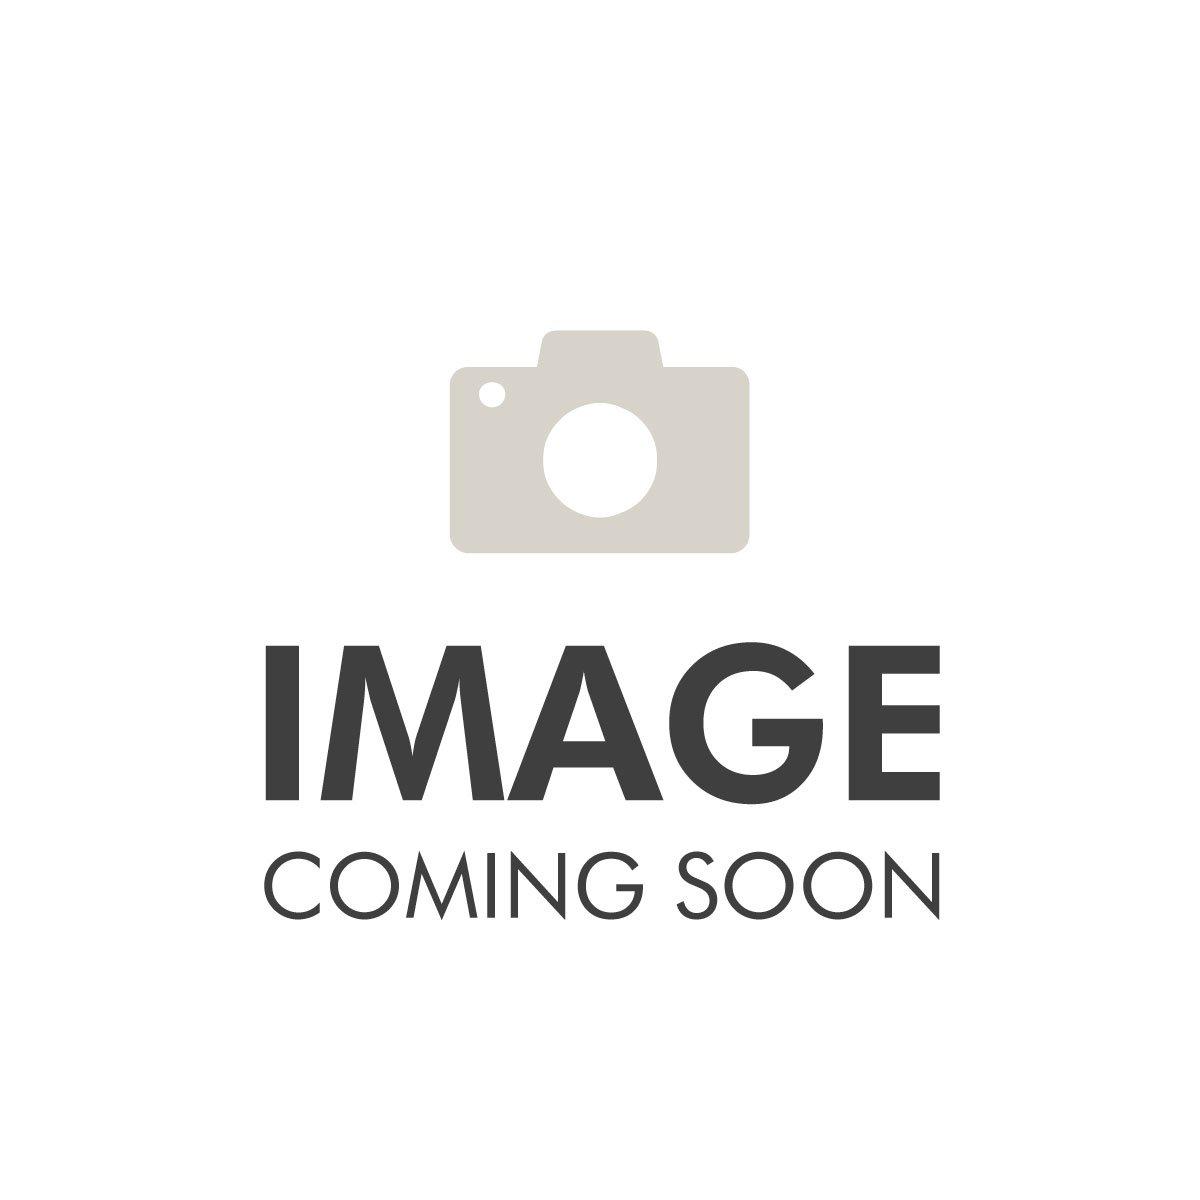 Thierry Mugler Alien Essence Absolu Intense EDP 60ml Refill